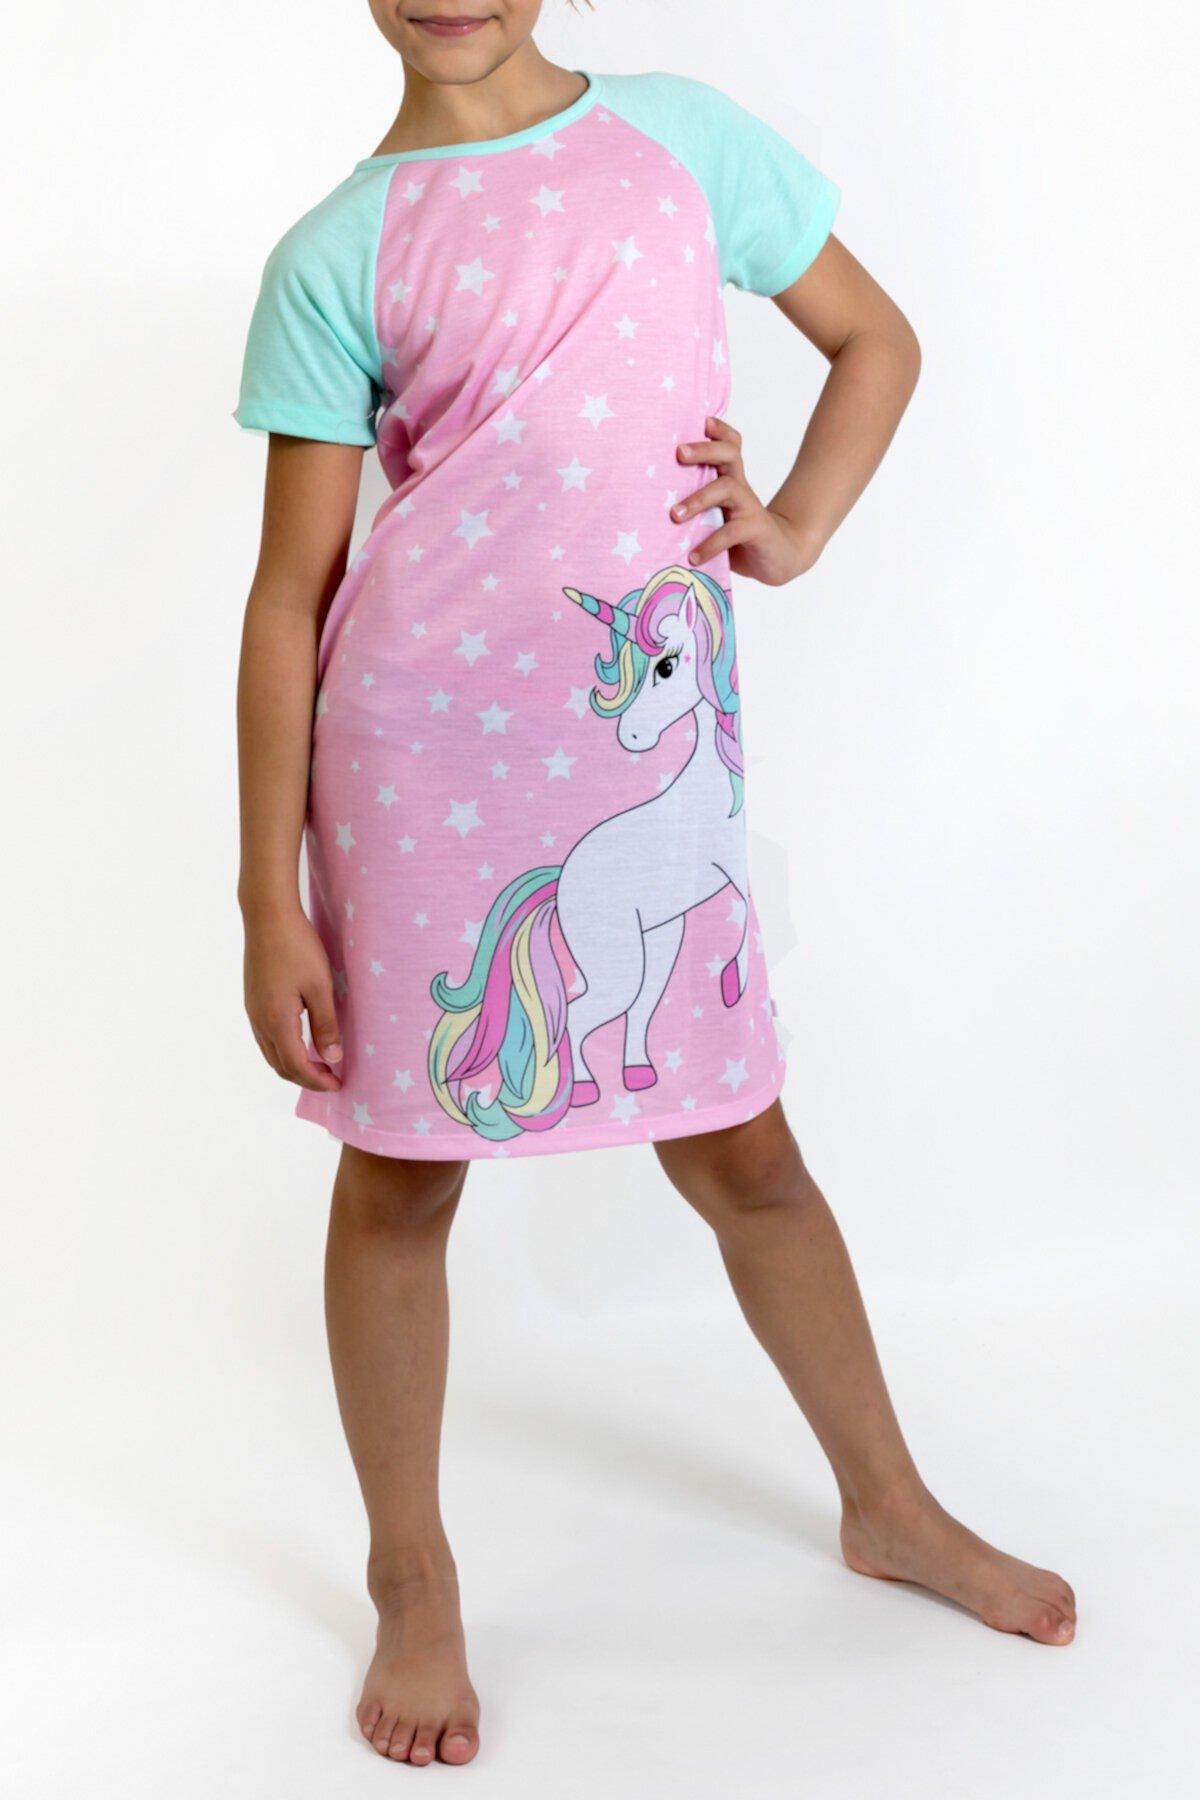 Рубашка для сна Unicorn (большие девочки) Us Angels